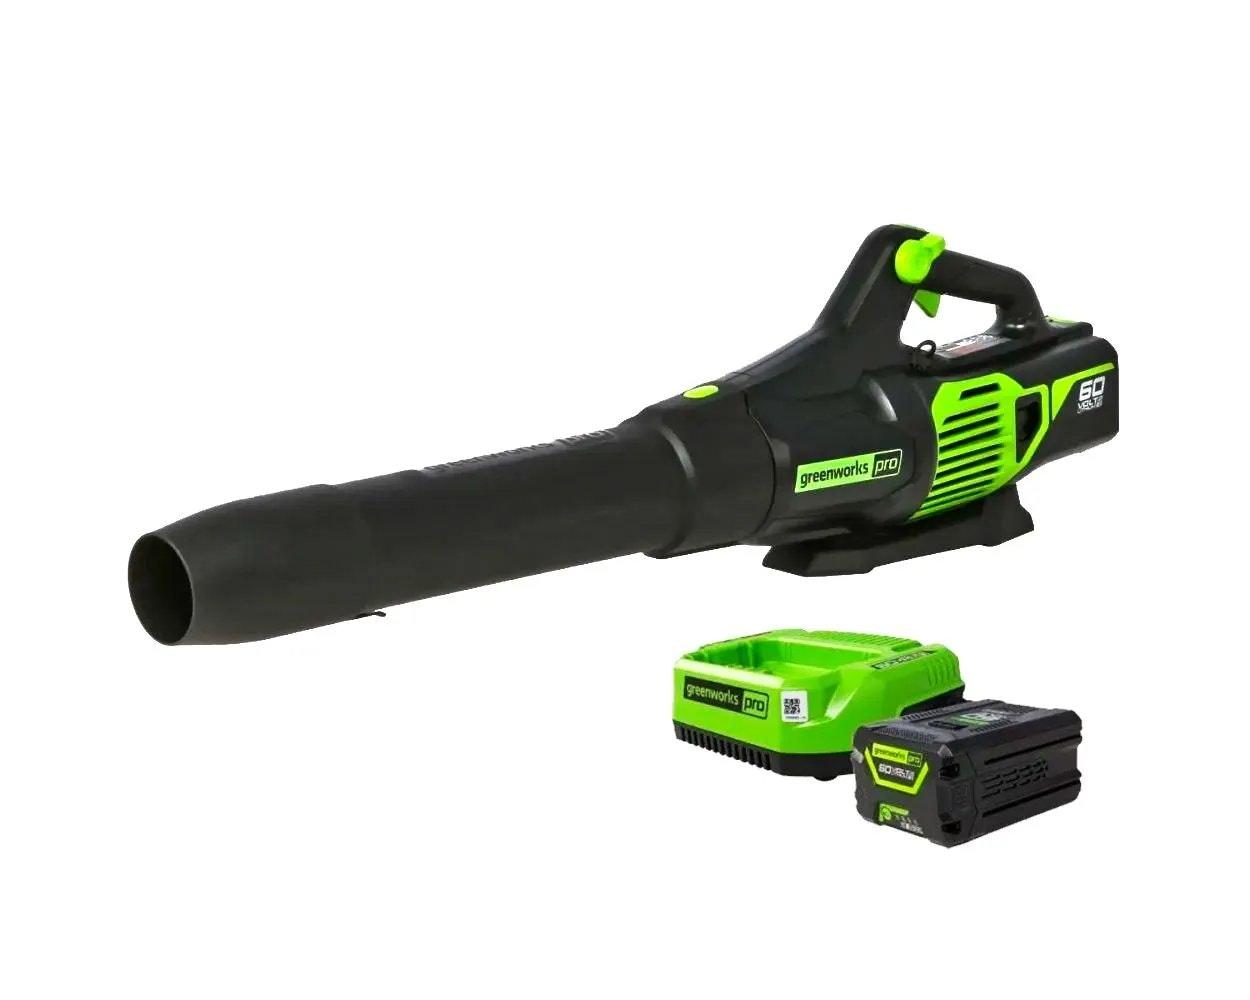 Greenworks Pro 60v Brushless Leaf Blower